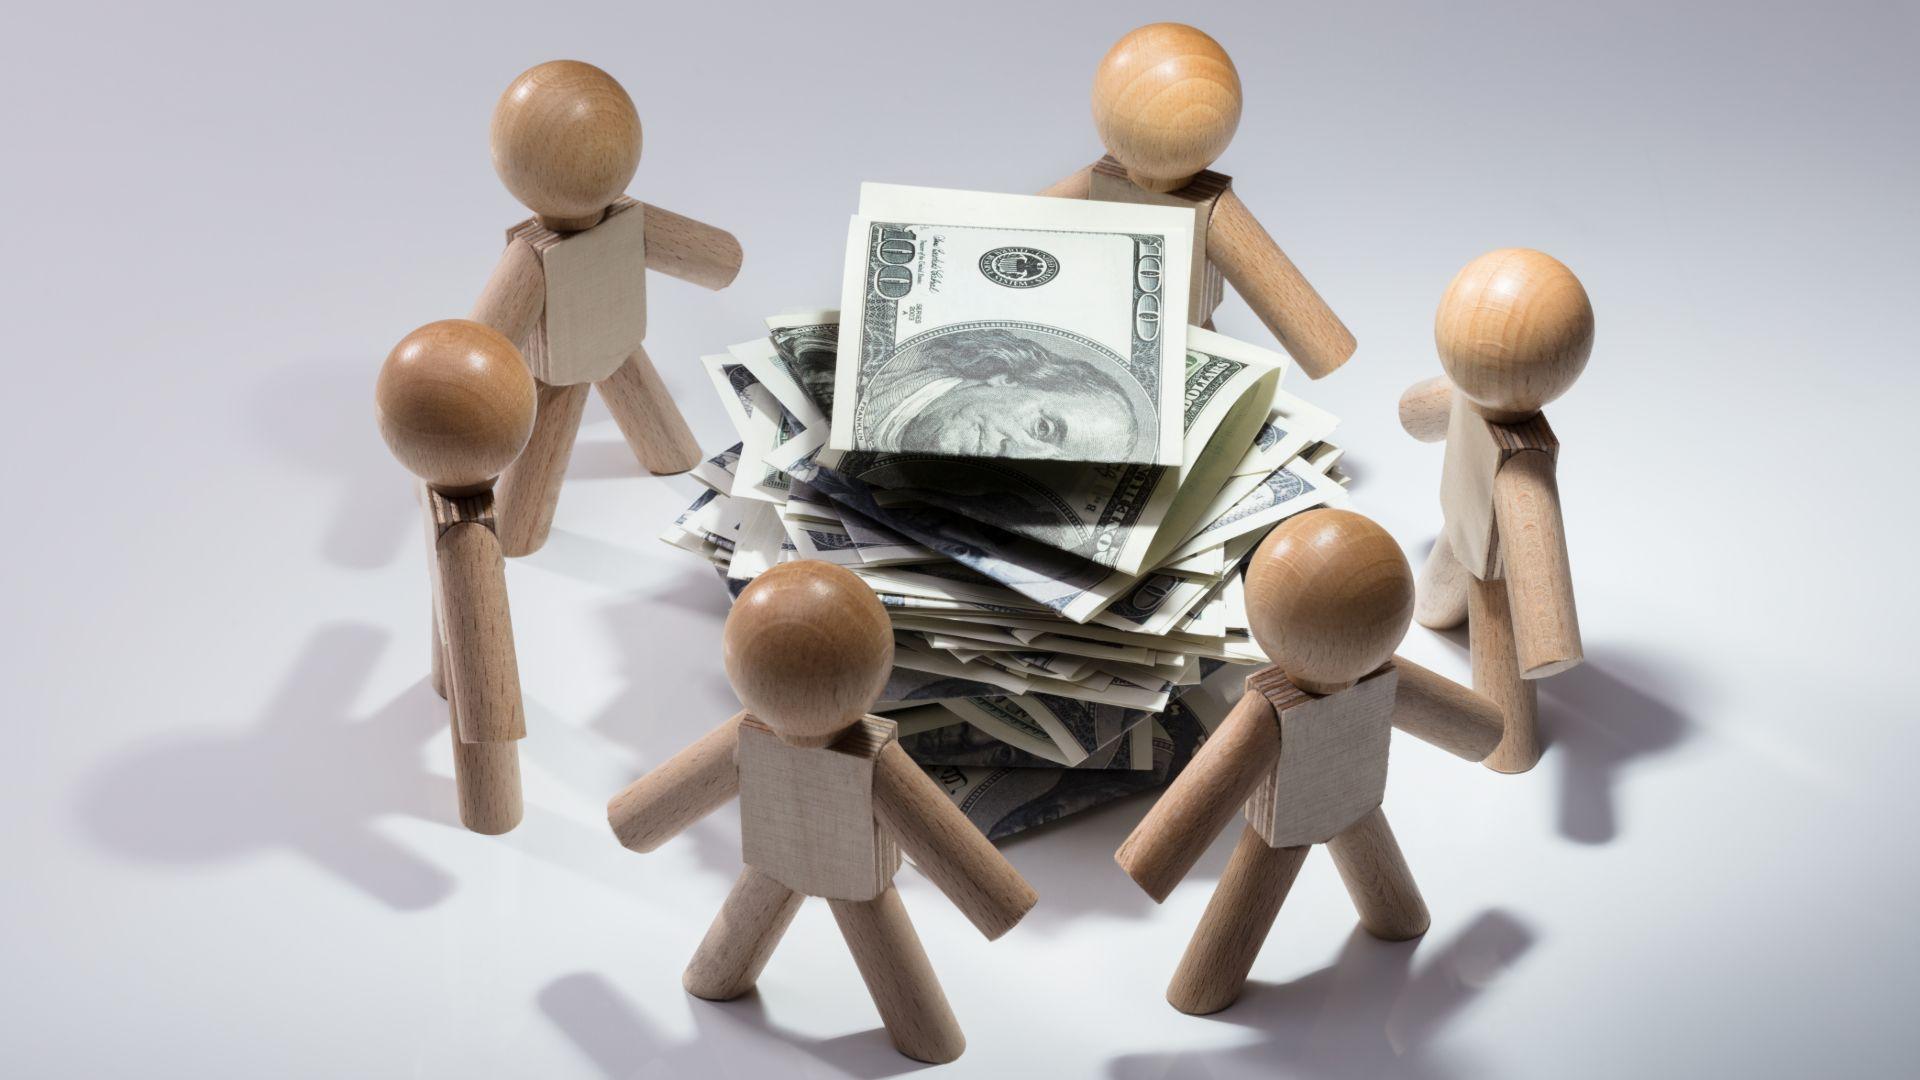 תוכנית עסקית לגיוס מימון המונים